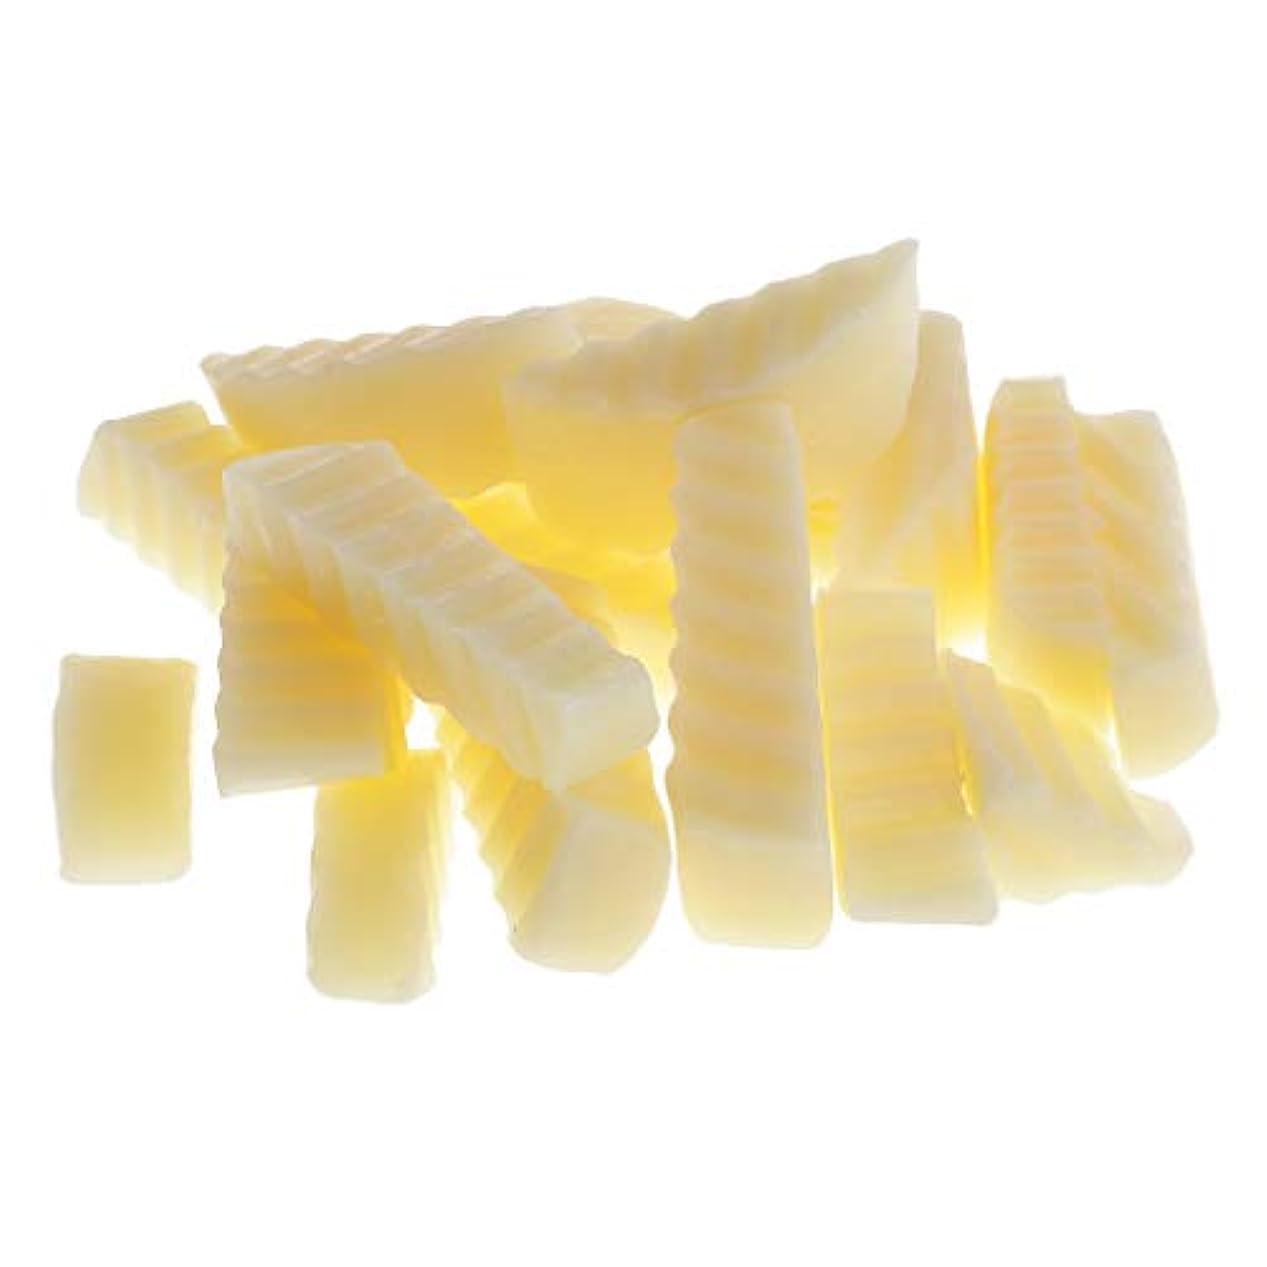 ホスト断線スクラップ約250g /パック ラノリン石鹸 自然な素材 DIY手作り 石鹸 固形せっけん 使いやすい